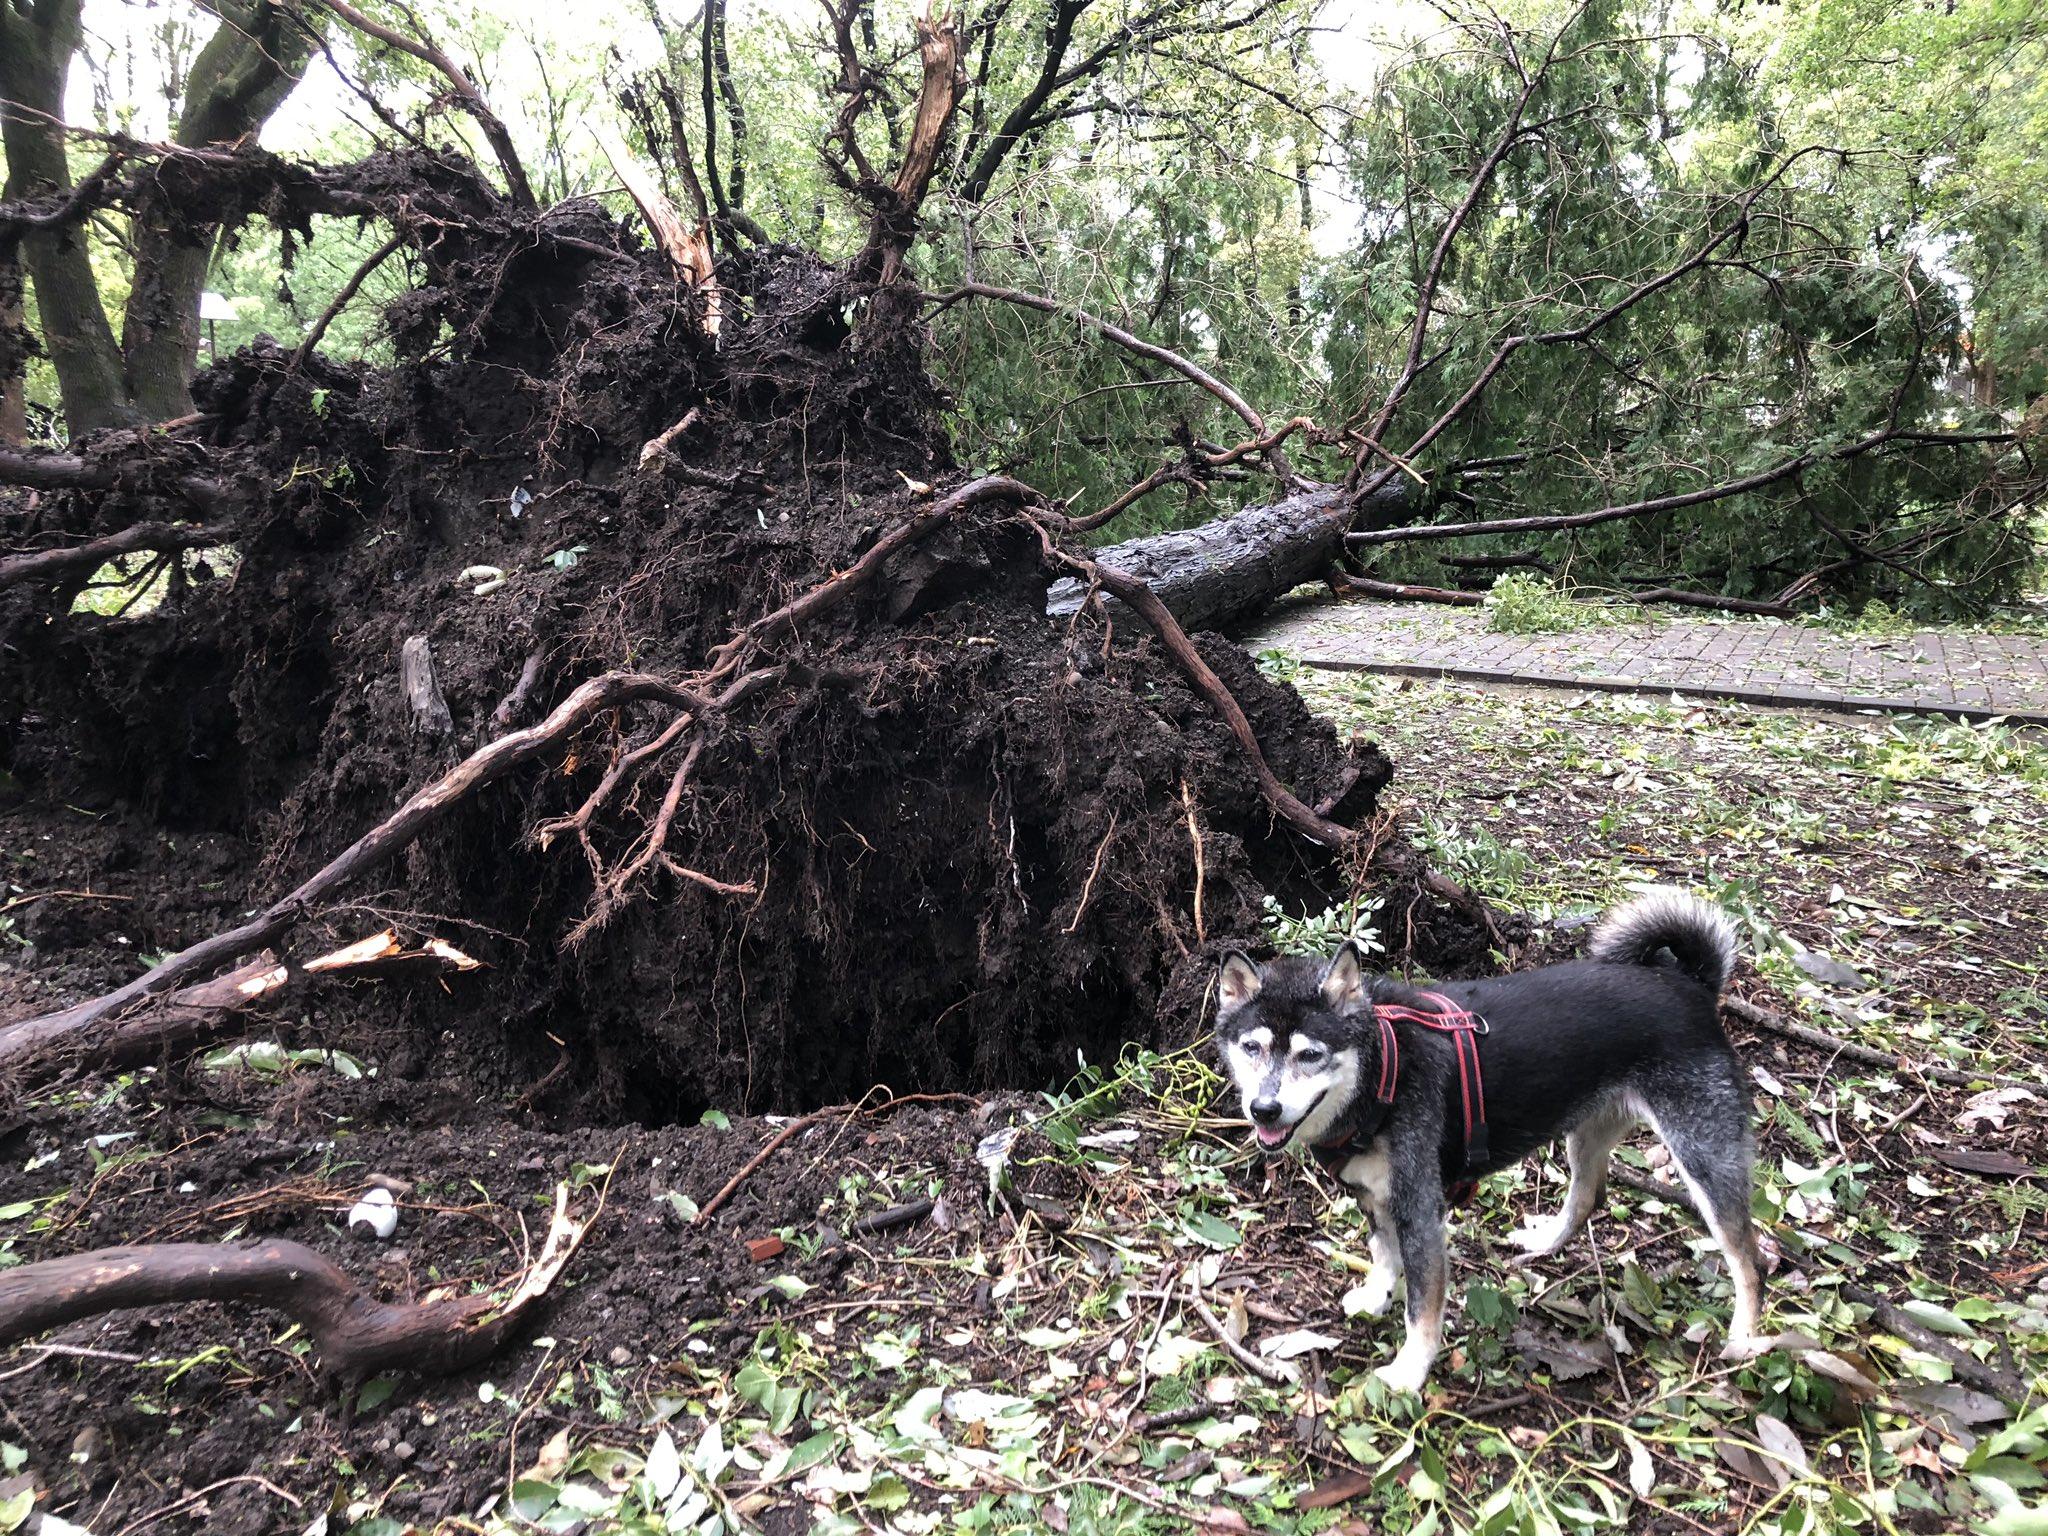 画像,台風🌀の影響。倒木、や太い枝が折れてる(>_<) https://t.co/iTQtExwRDW。